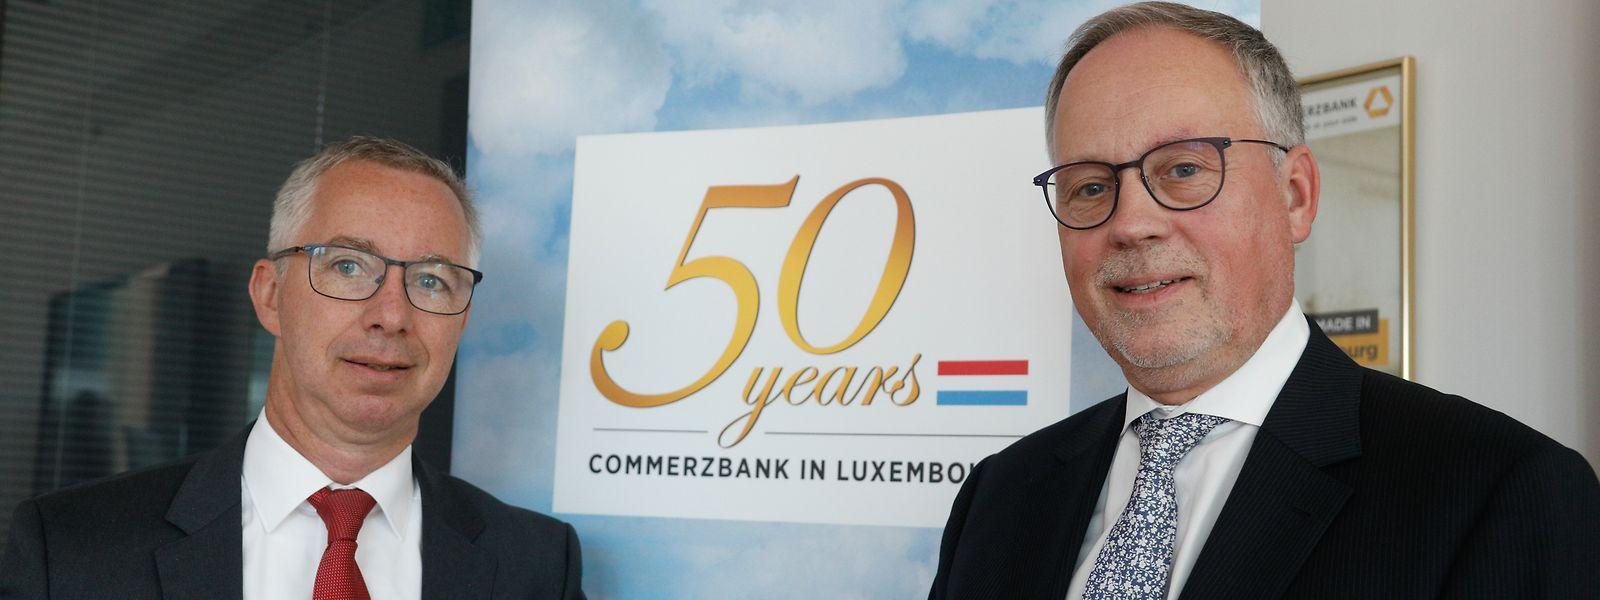 Martin Keller, Country CEO Belgien und Luxemburg, und Klaus Diederich, Chef der Commerzbank-Filiale Luxemburg (v.l.).